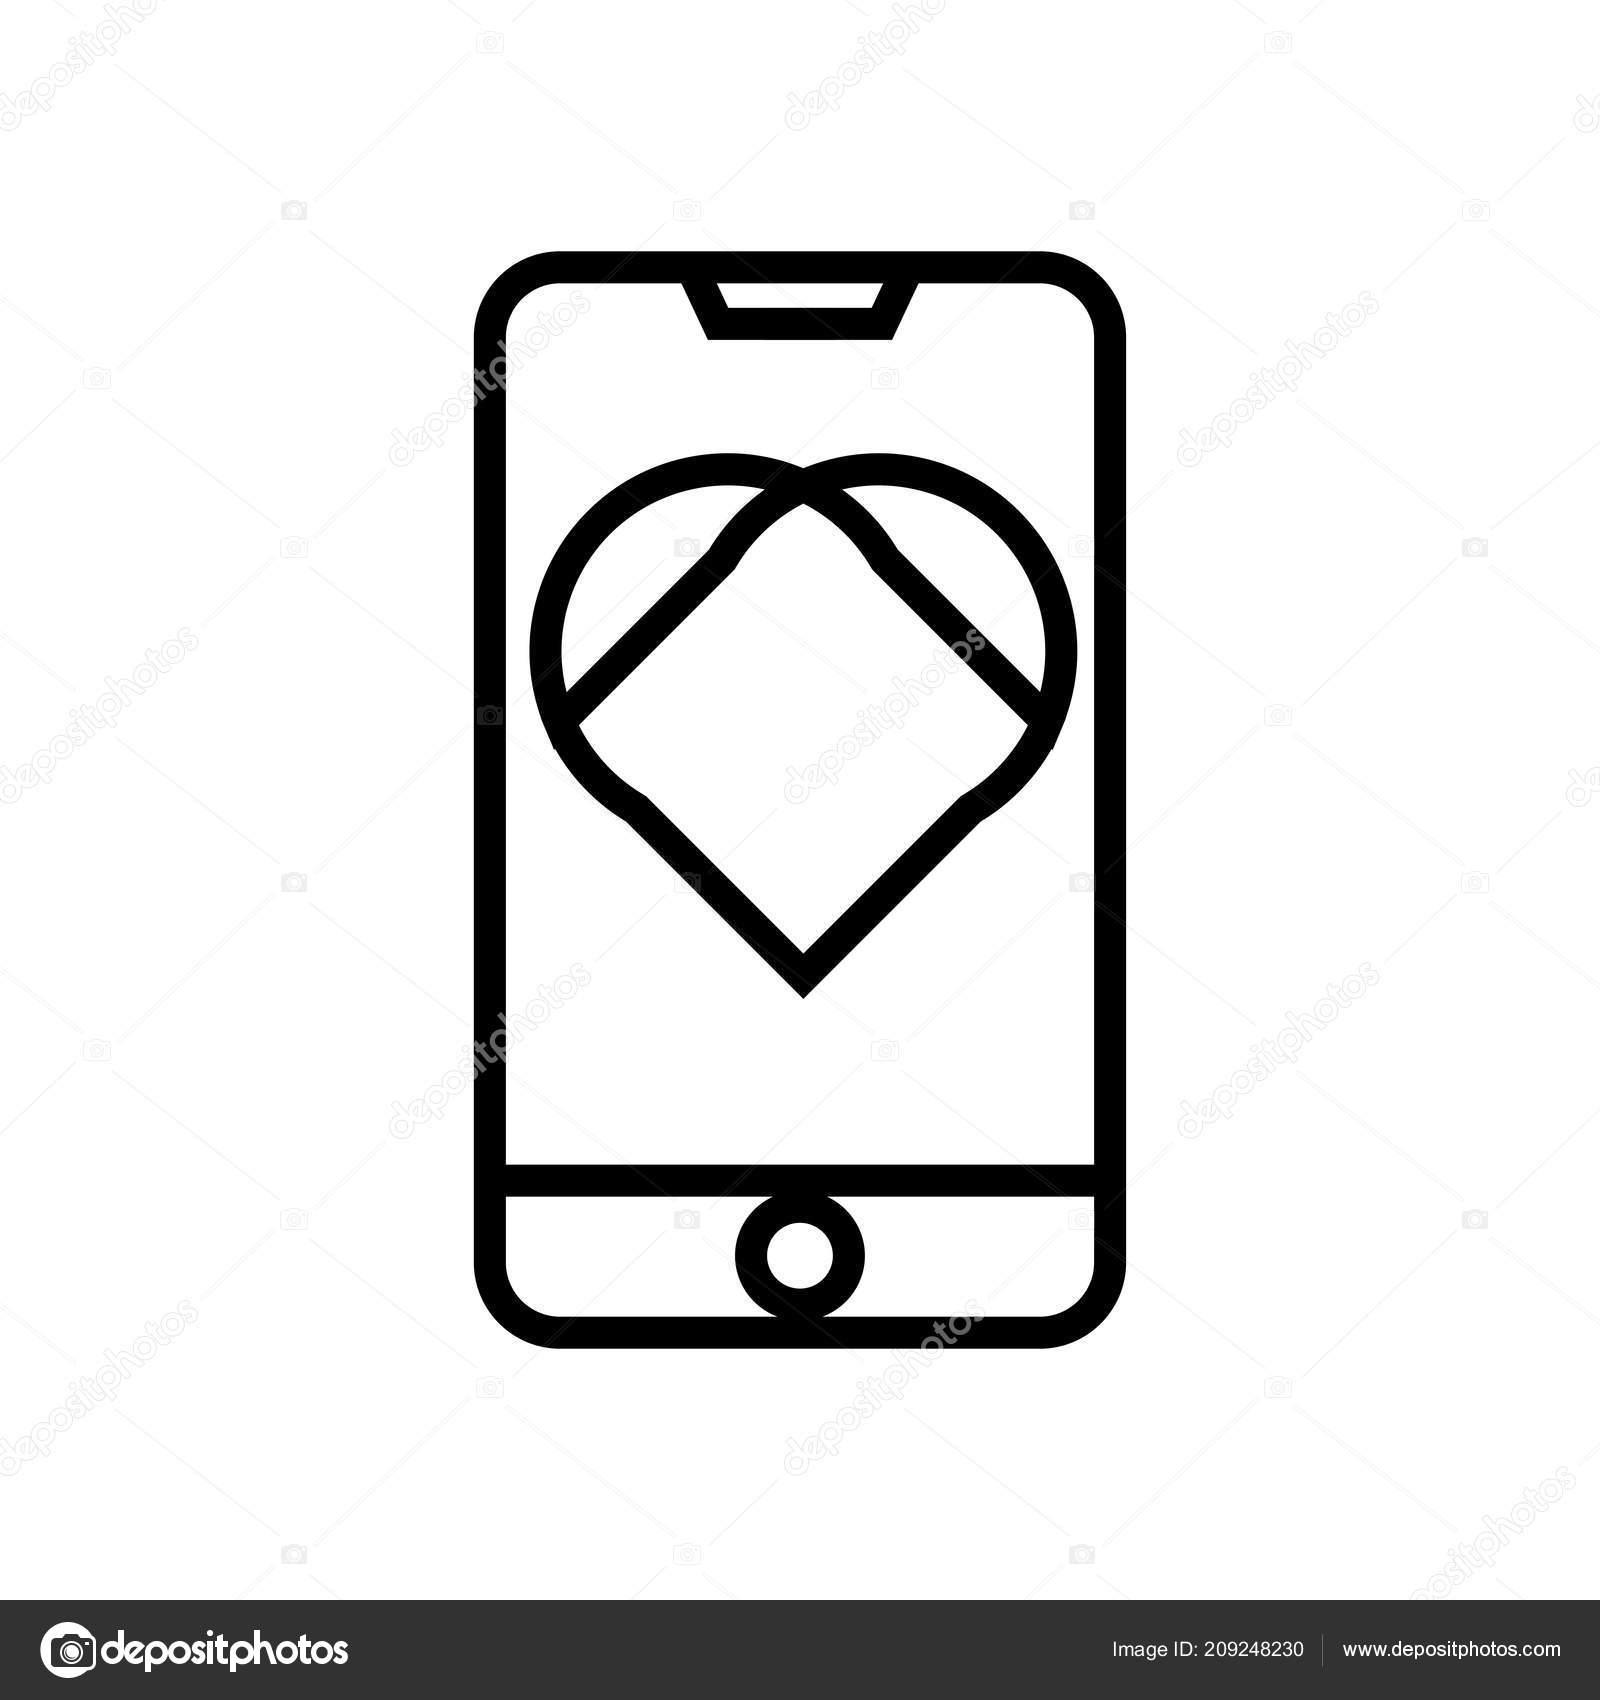 Icona Telefono Vettoriale Isolato Sfondo Bianco Vostro Web